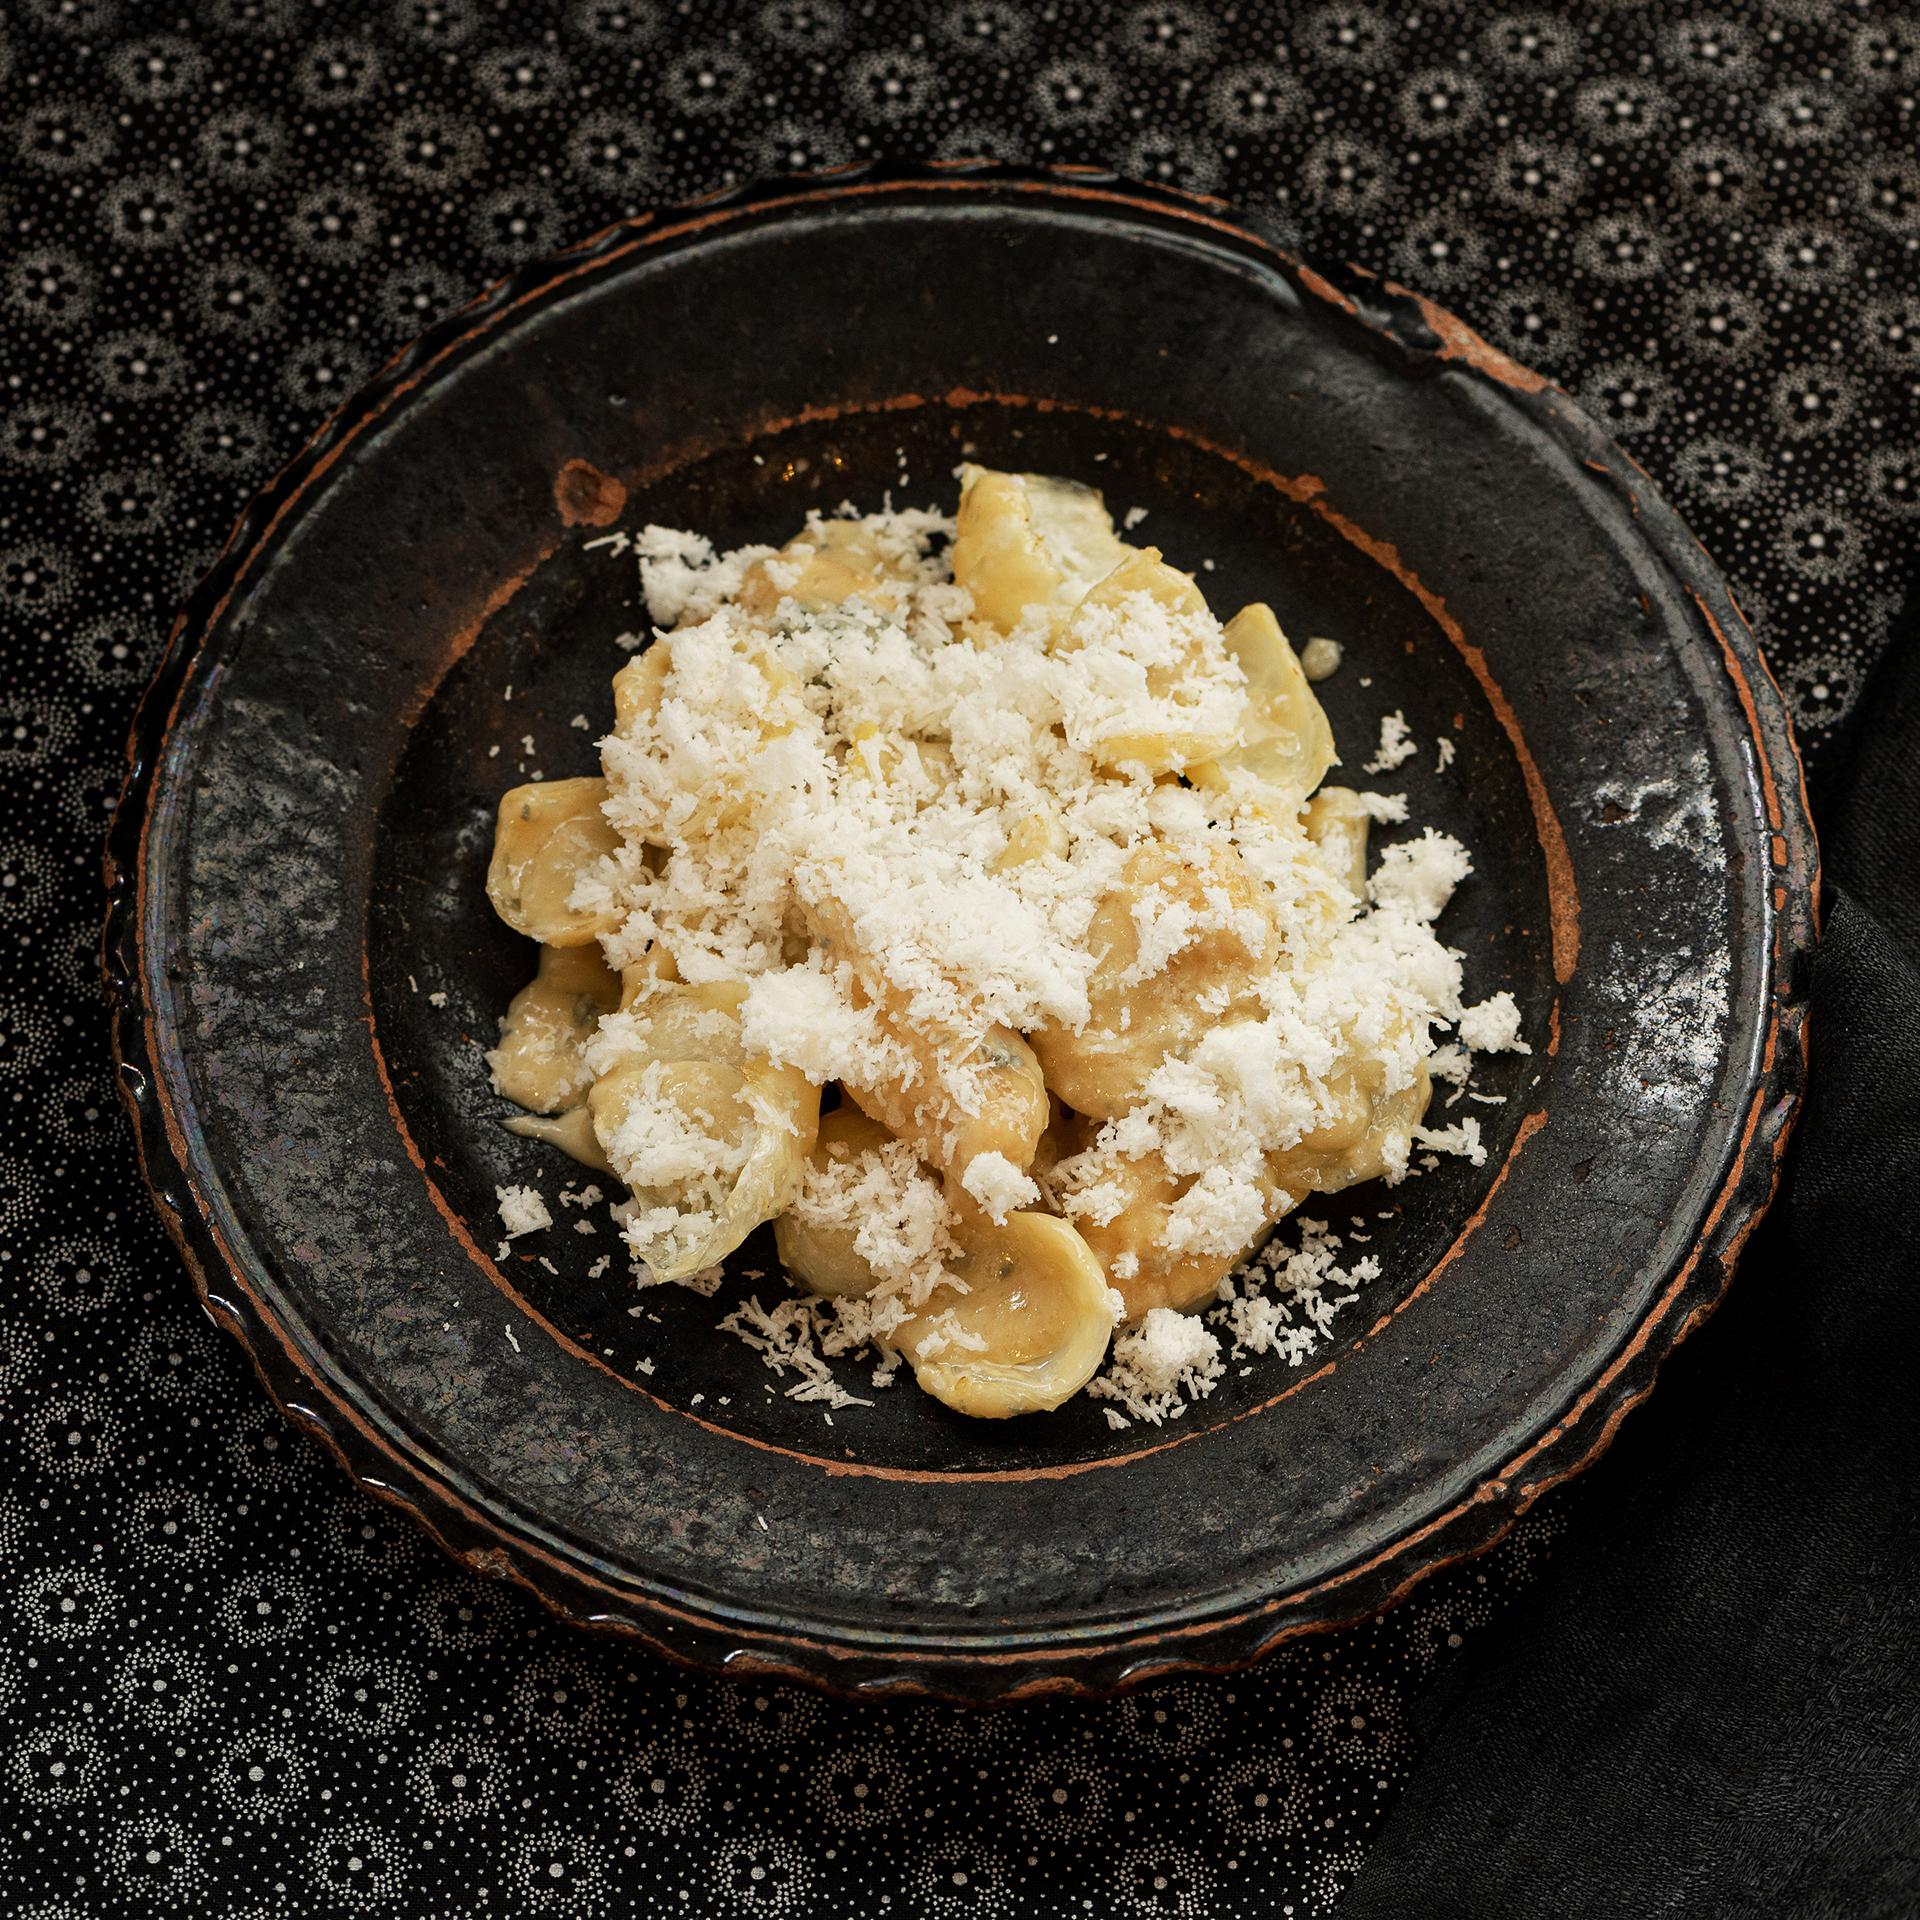 ゆり根を楽しむ、大人テイストの新しい食べ方。<br />Vol.16 ゆり根のブルーチーズソース